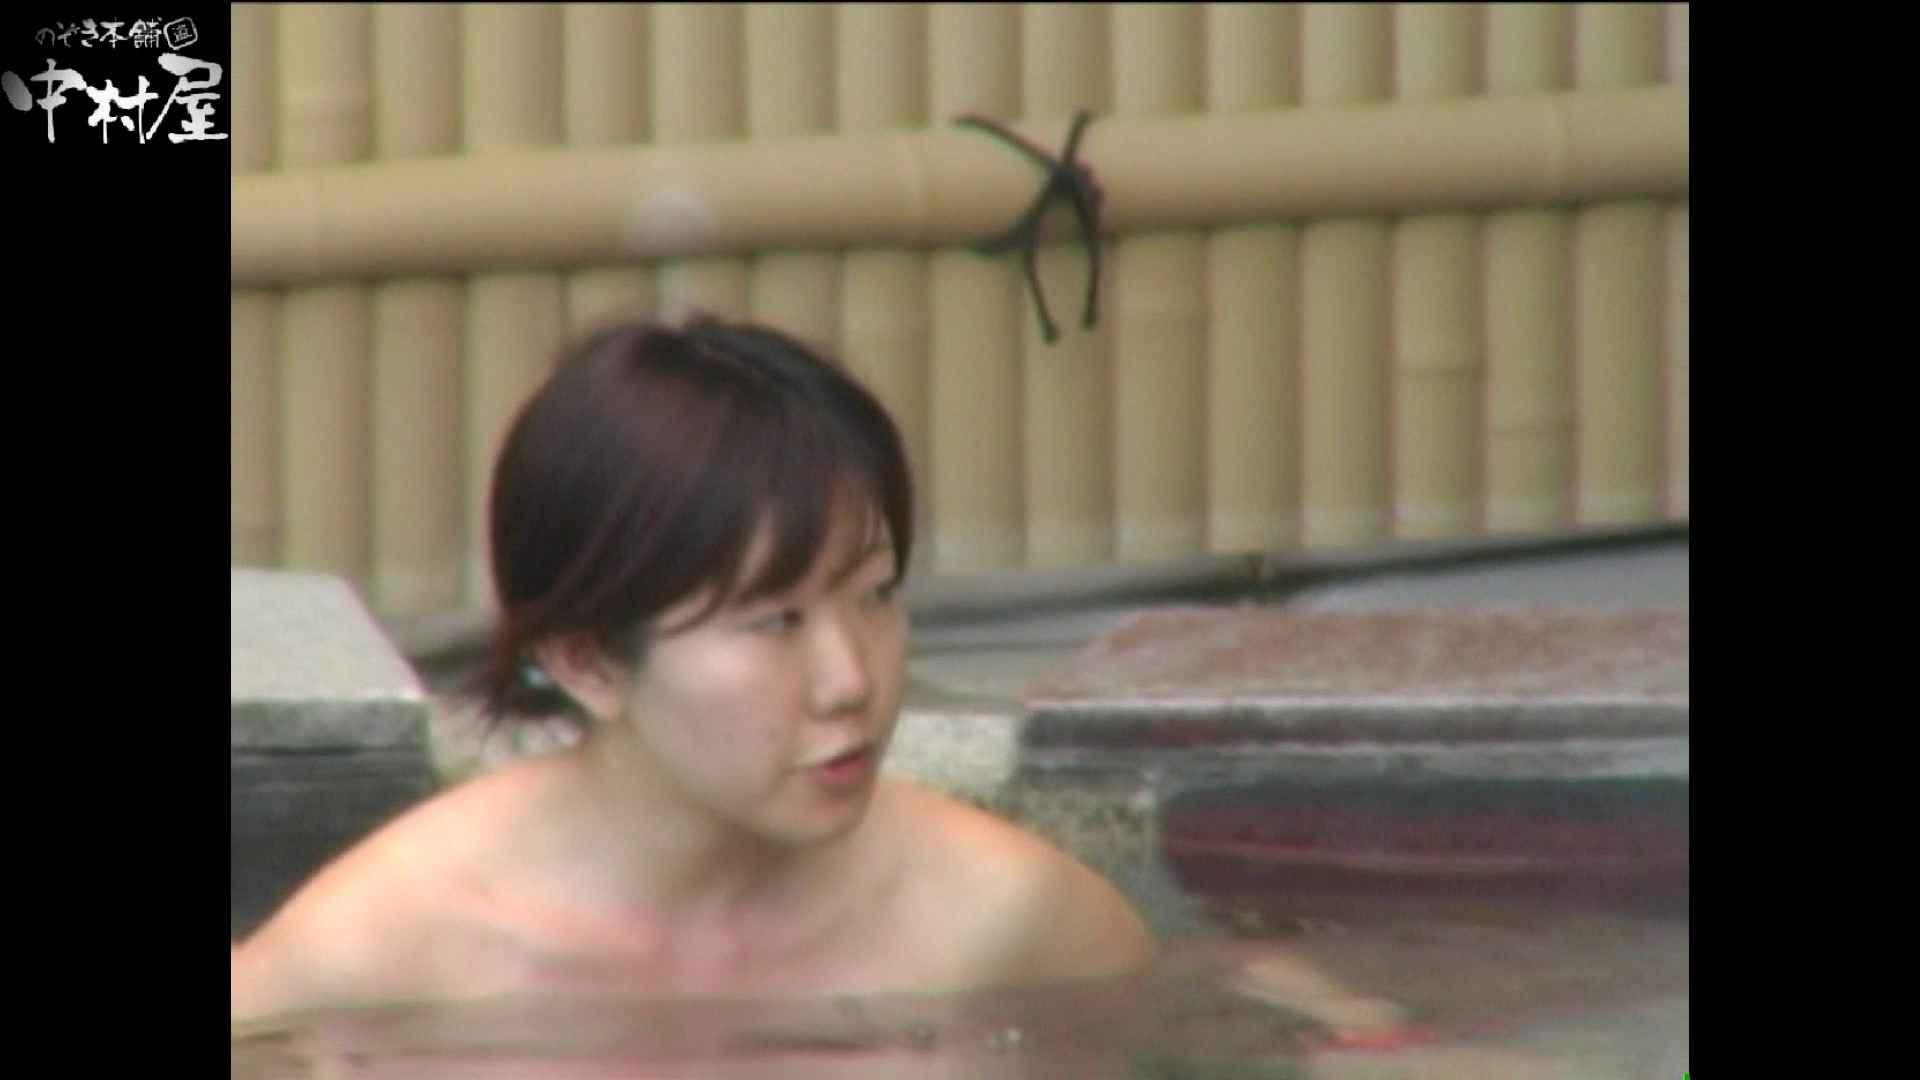 Aquaな露天風呂Vol.977 美しいOLの裸体 ヌード画像 83pic 5